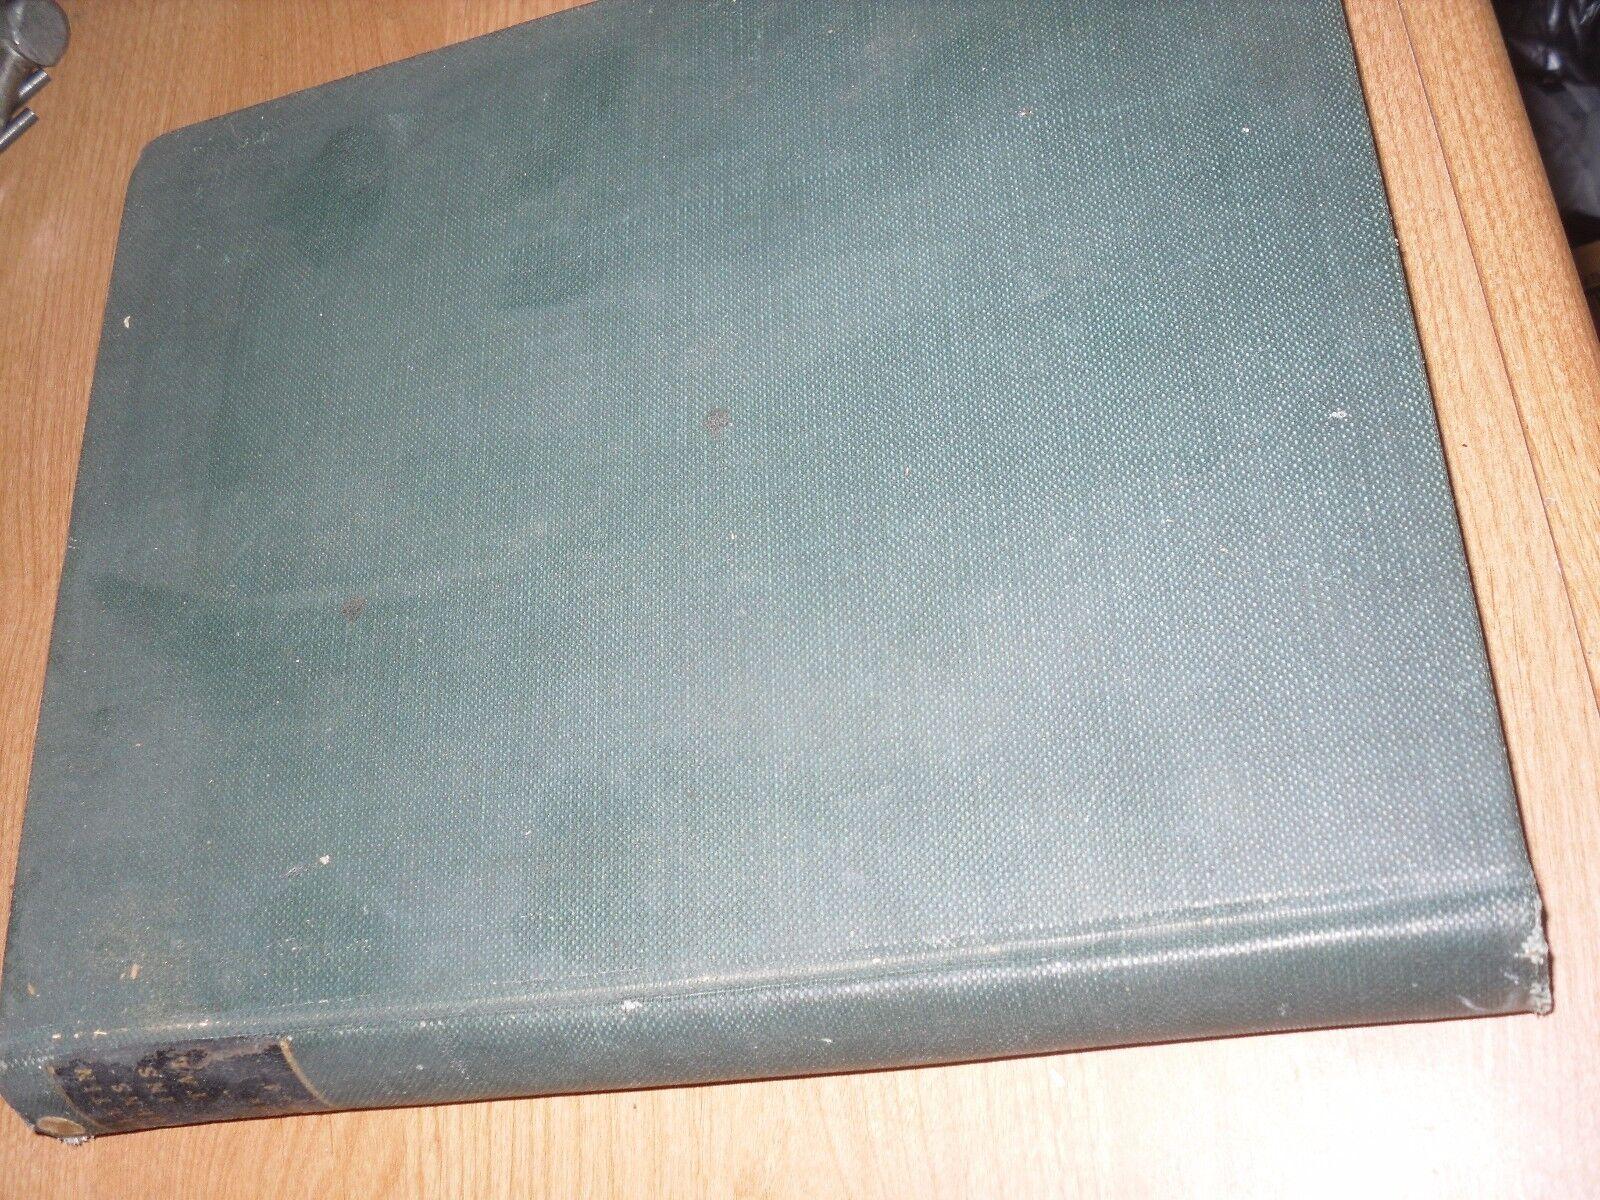 foto de viaLibri ~ Rare Books from 1914 Page 35